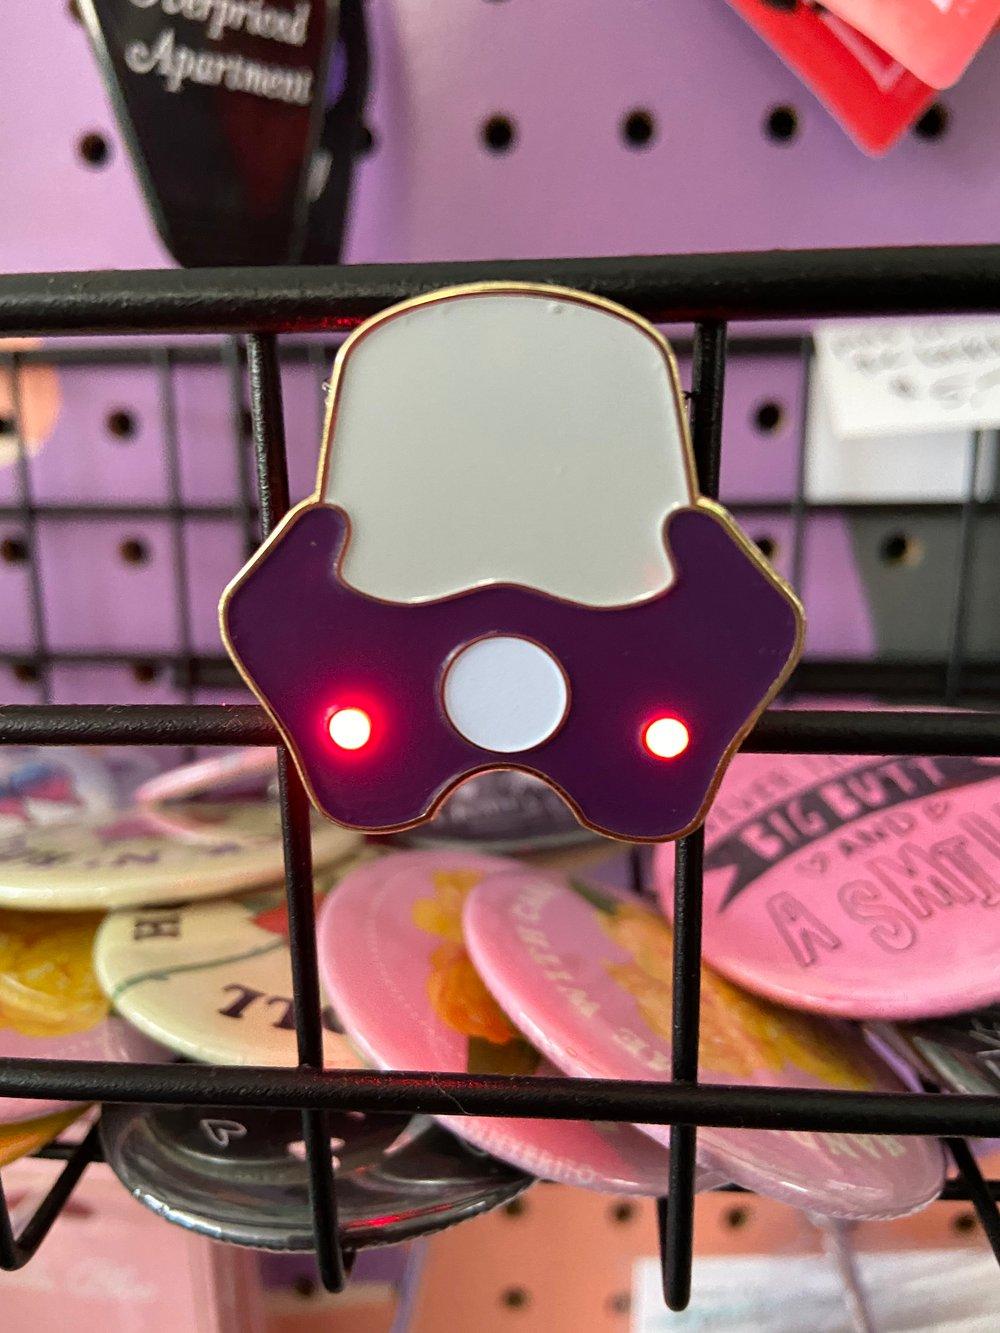 MOTO PIN (BLINKING LED LIGHTS!) CMP X 9T99